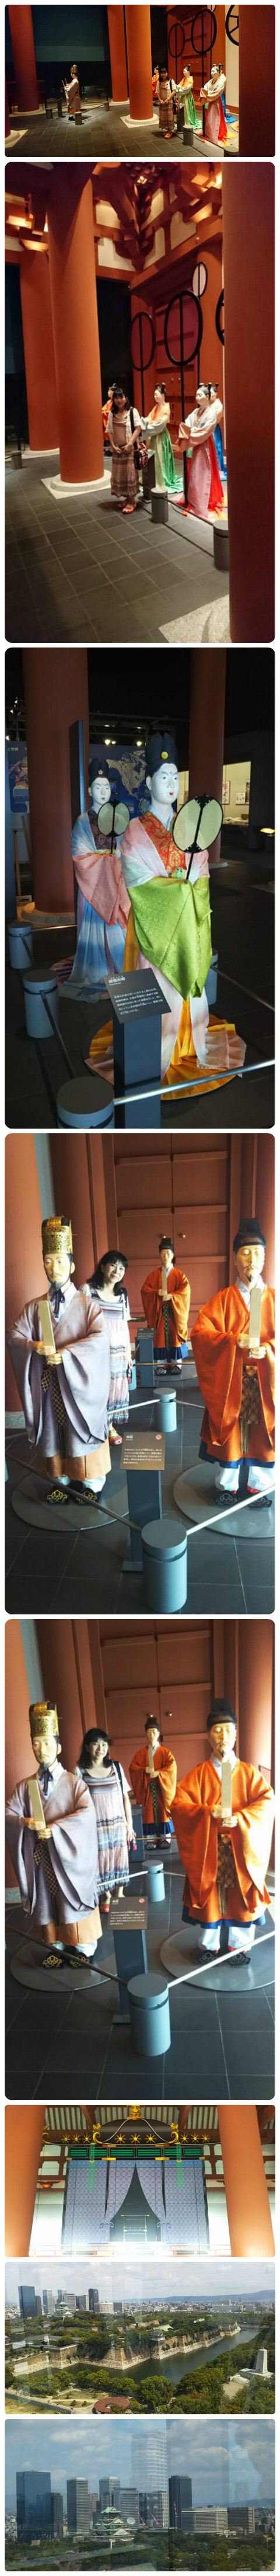 平成29年9月3日大阪歴史博物館い